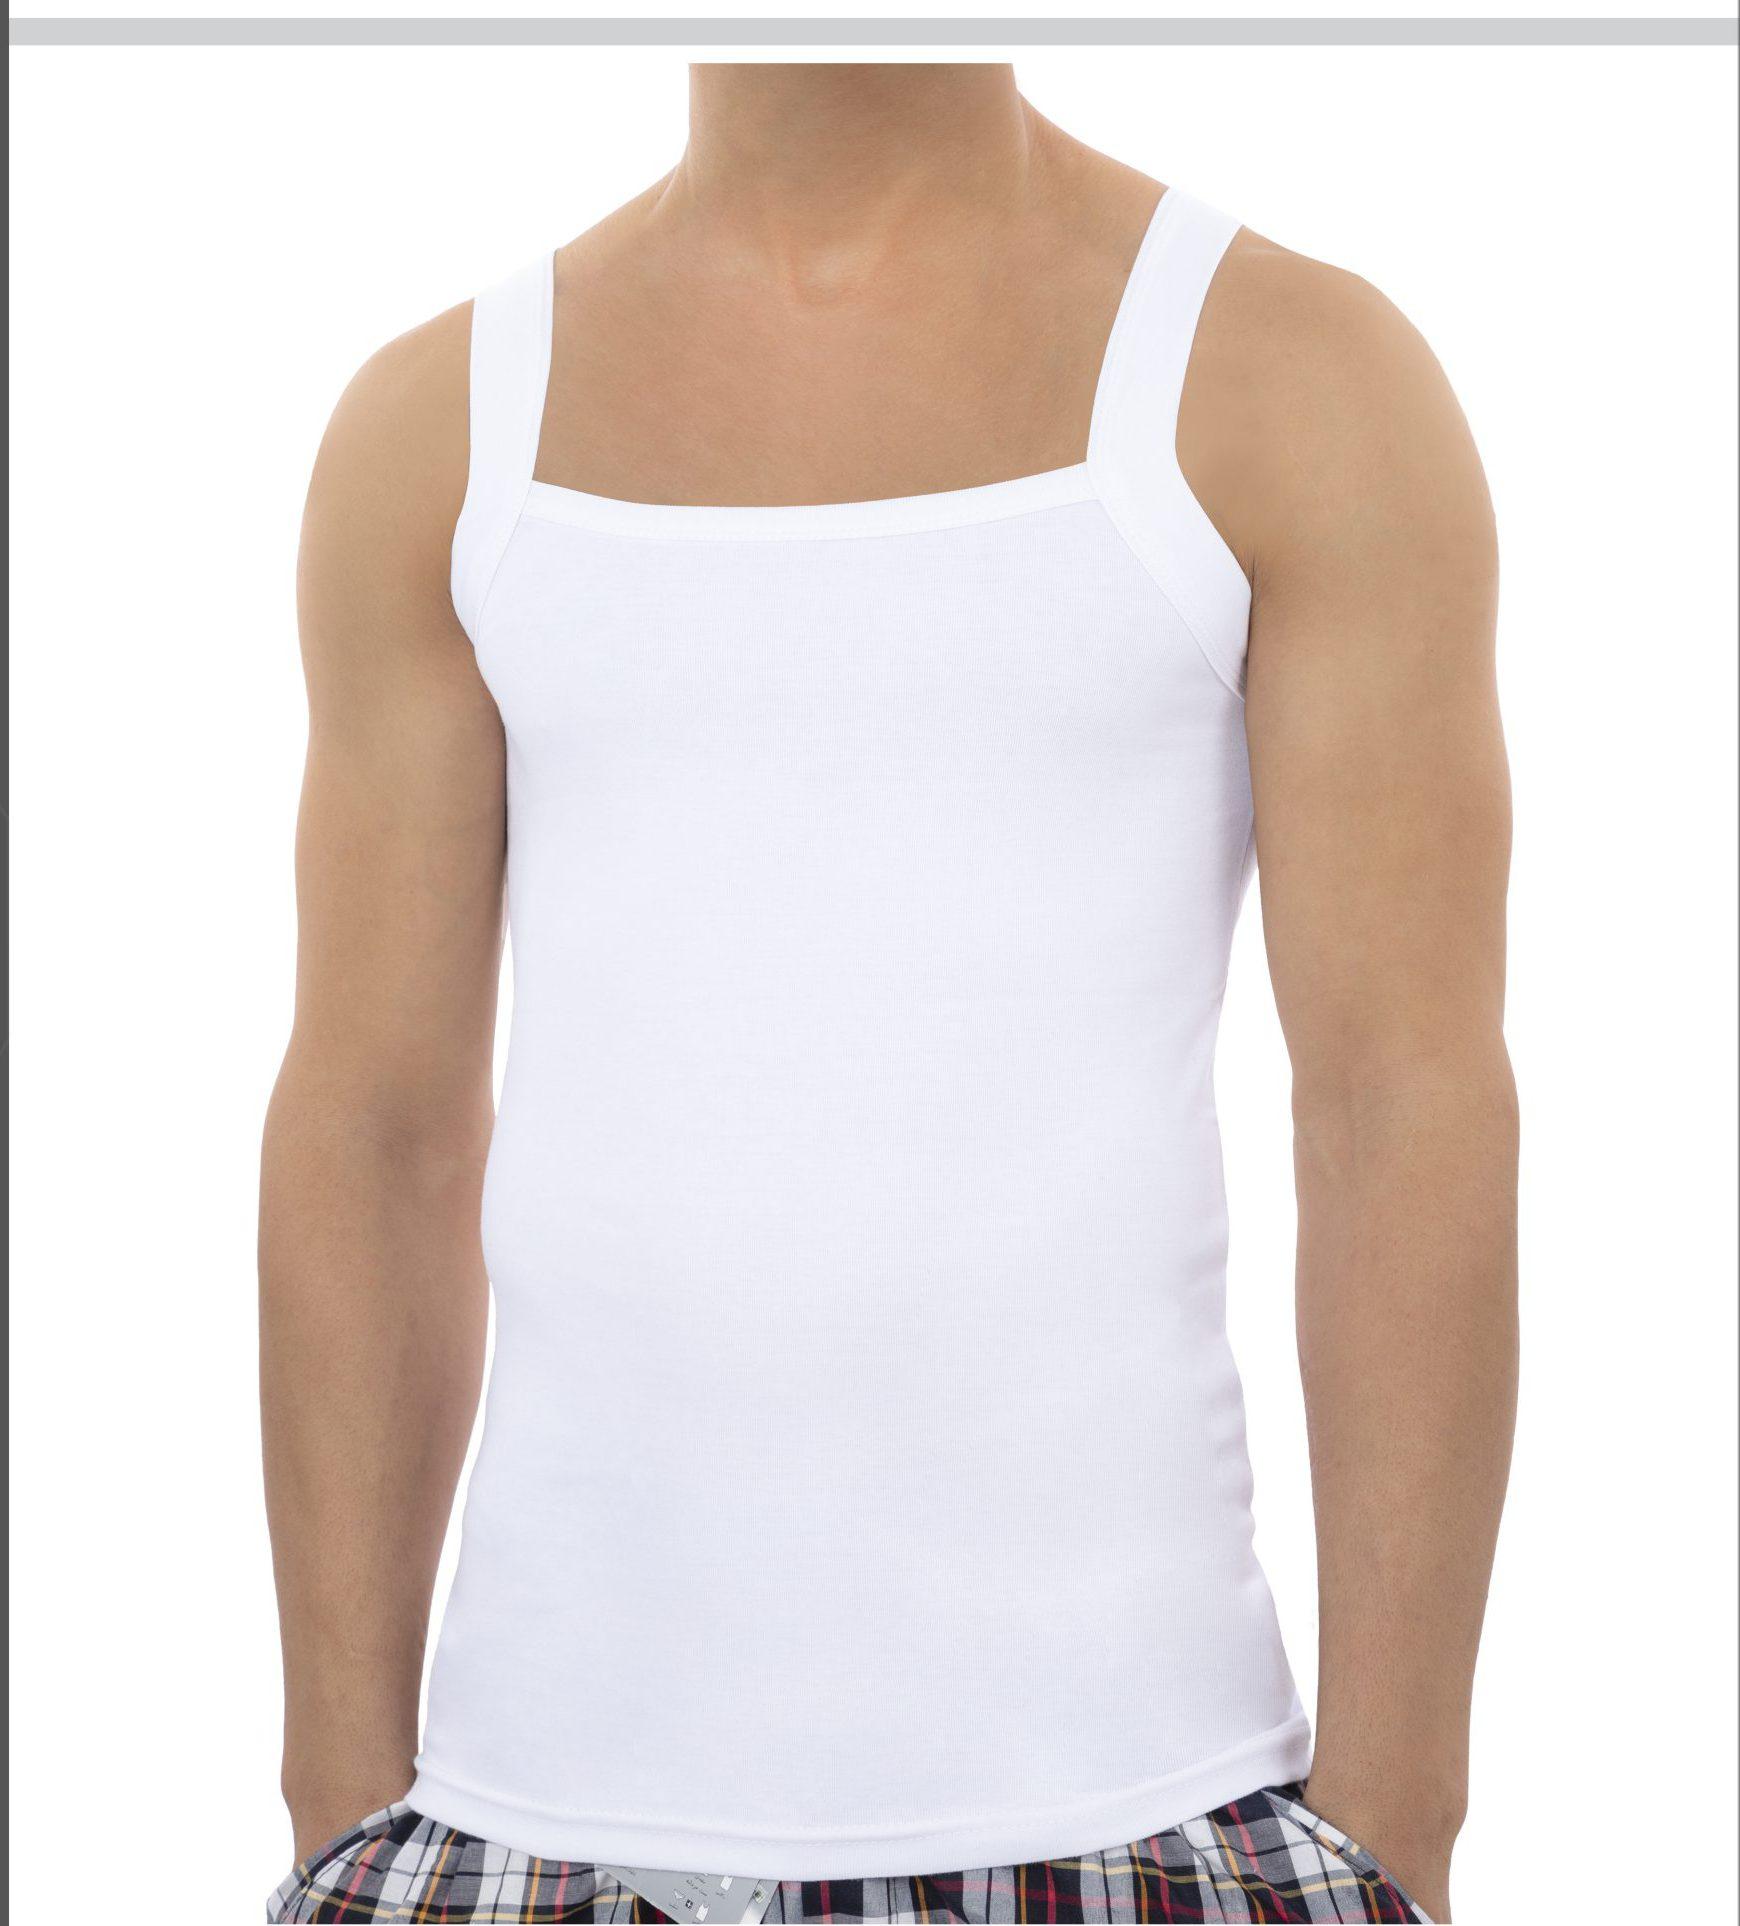 زیرپوش یقه خشتی مردانه